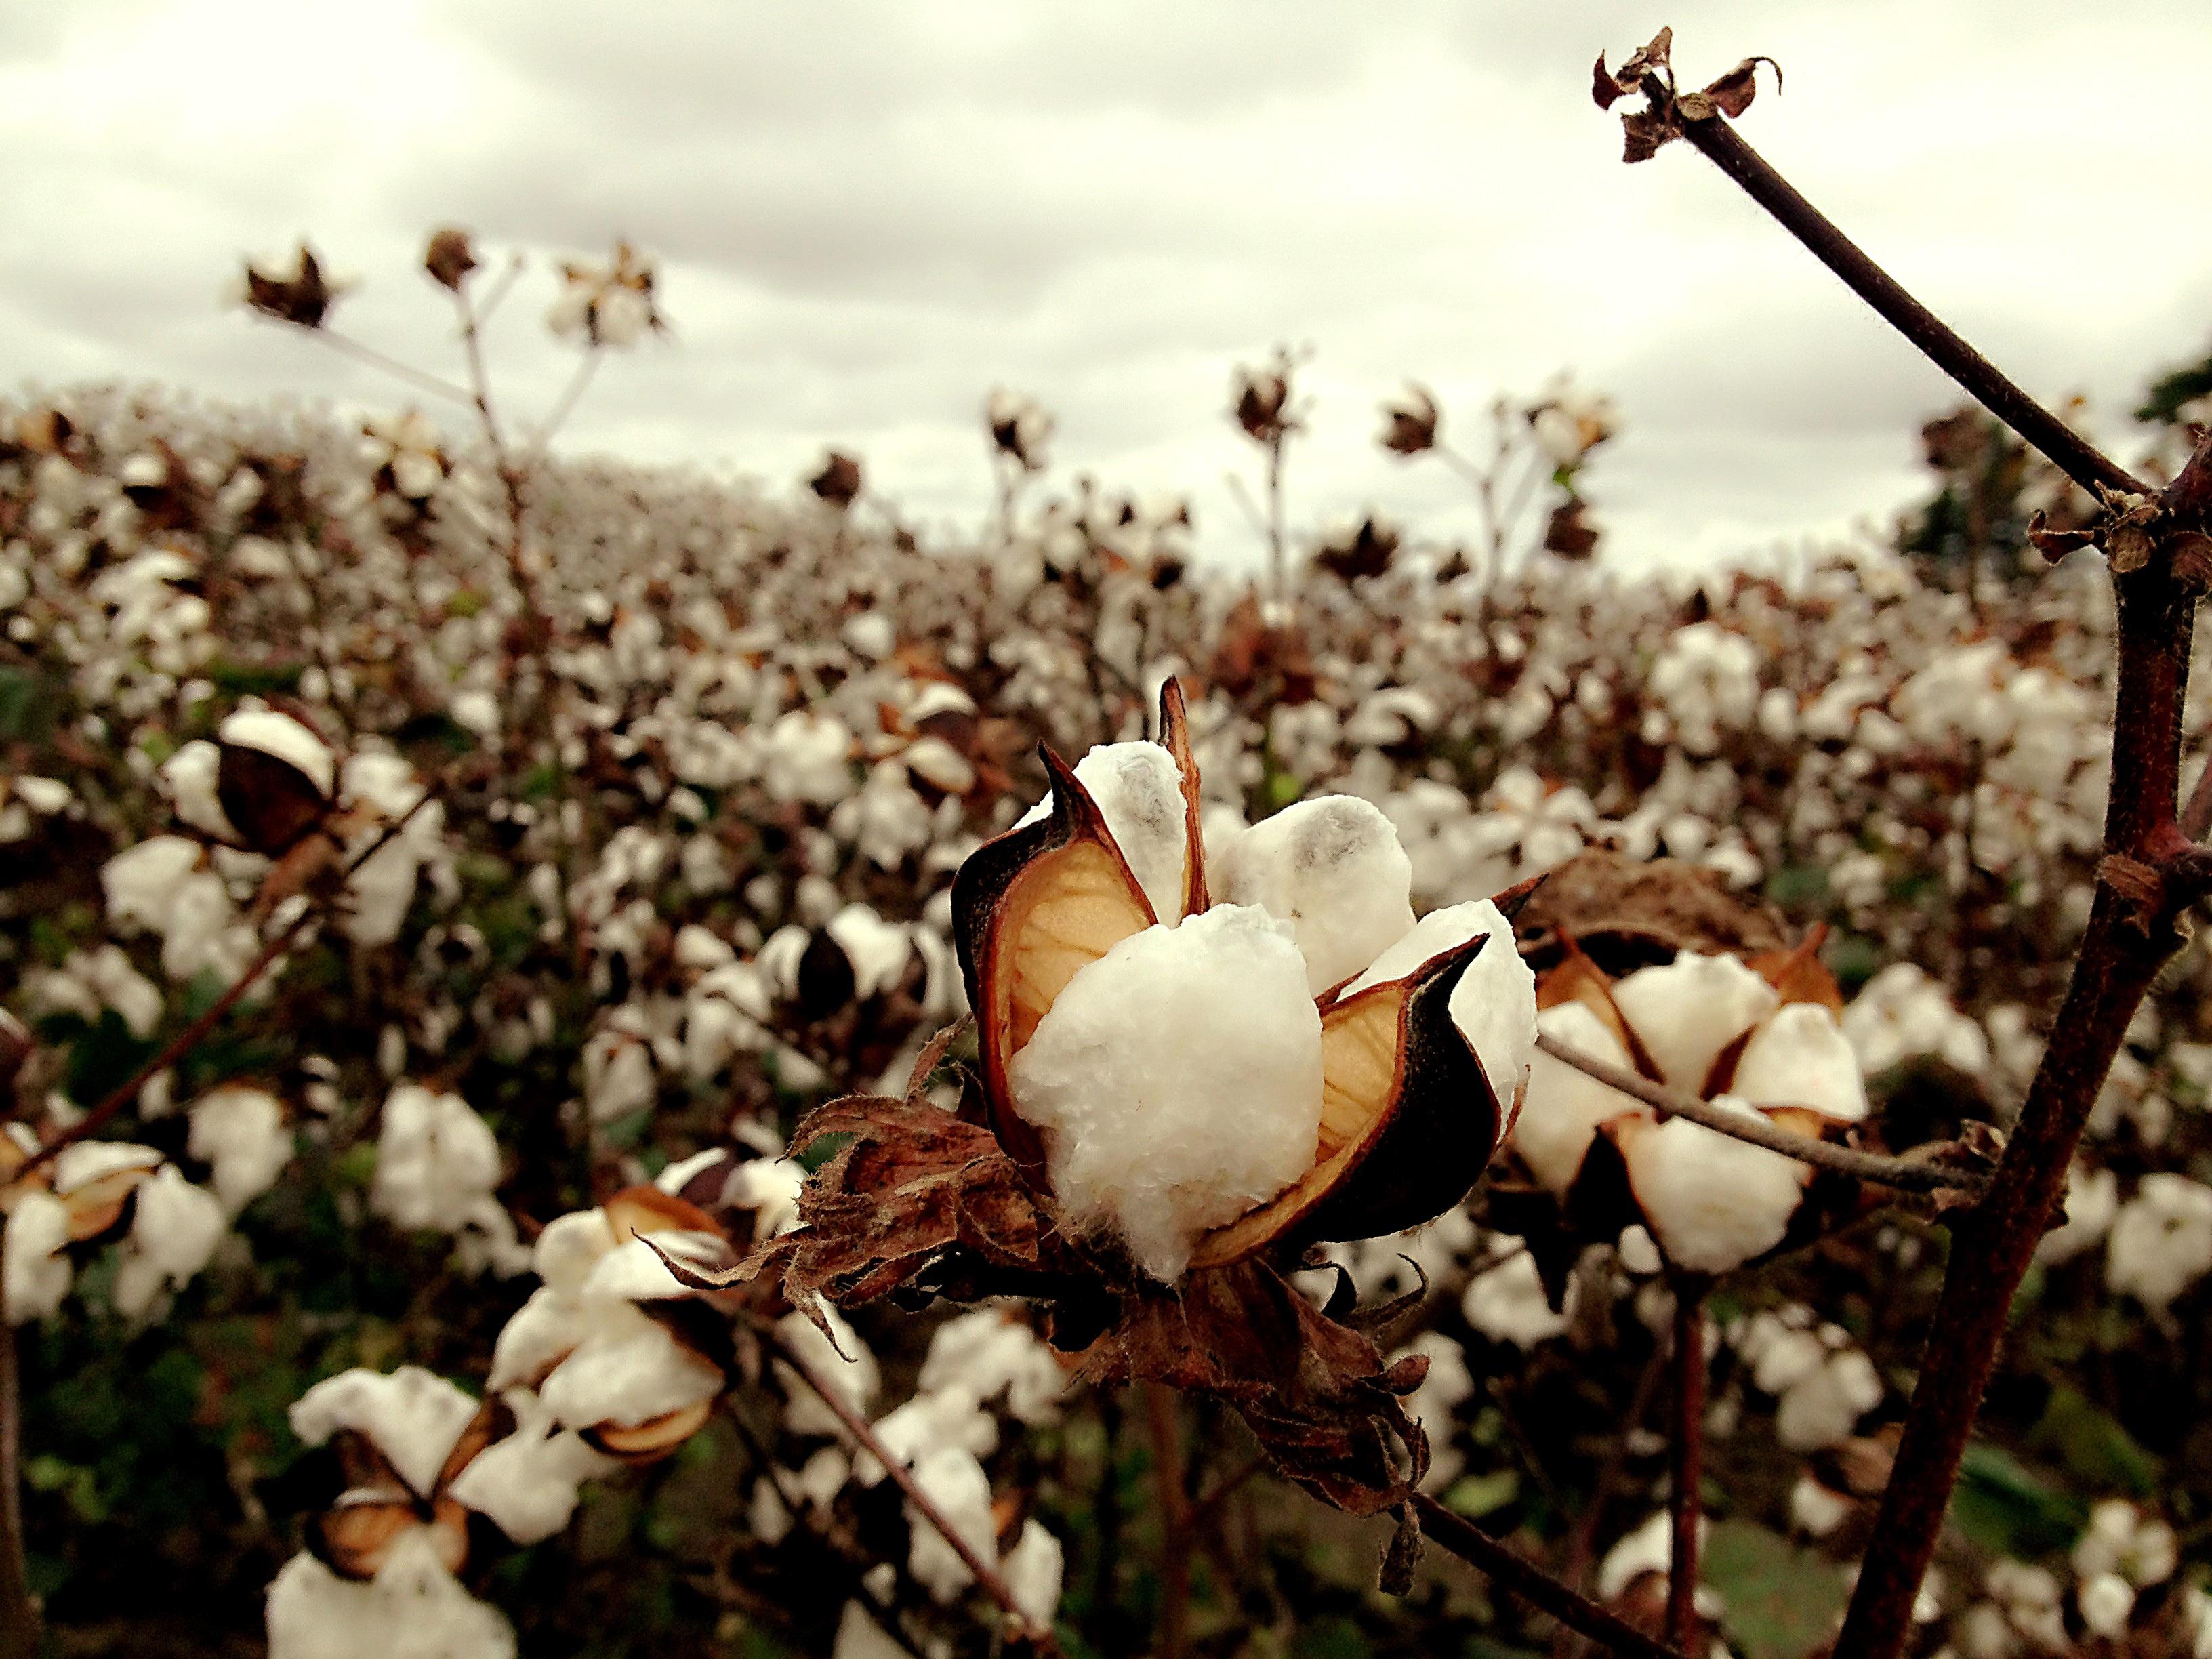 Branche Fleur De Coton images gratuites : la nature, branche, champ, feuille